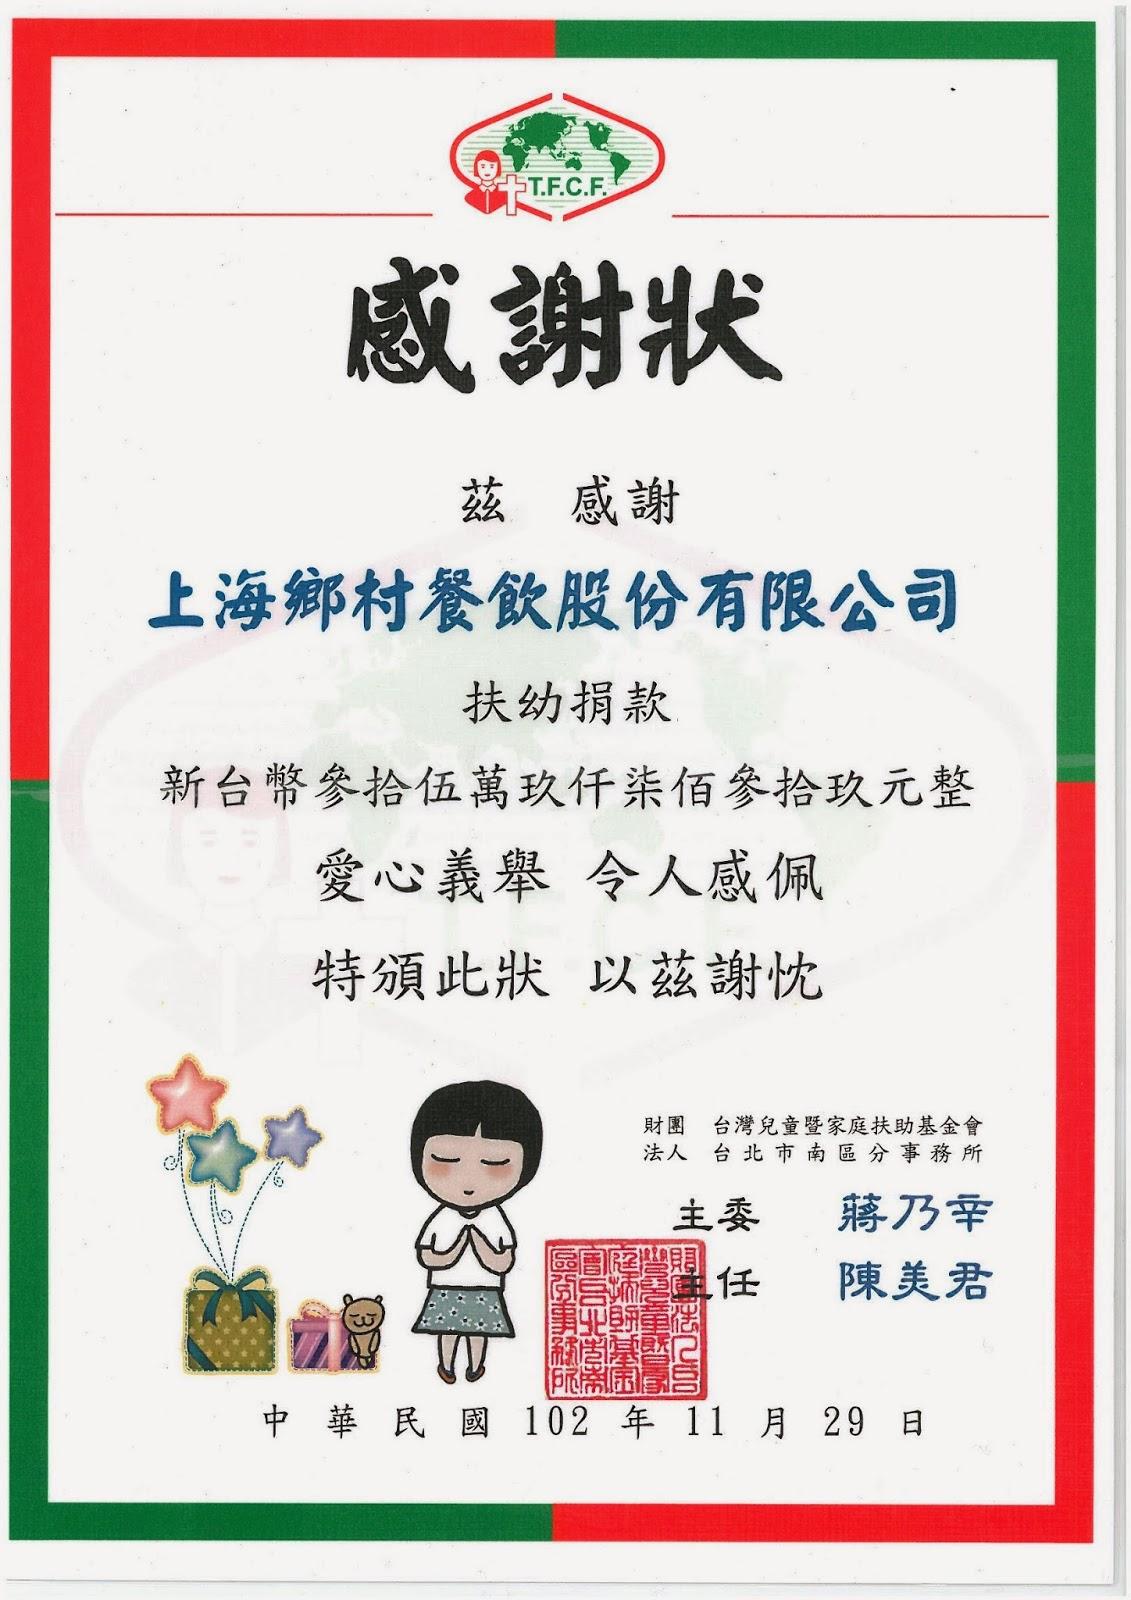 受贈圖書感謝函 - 國立雲林科技大學圖書館_插圖